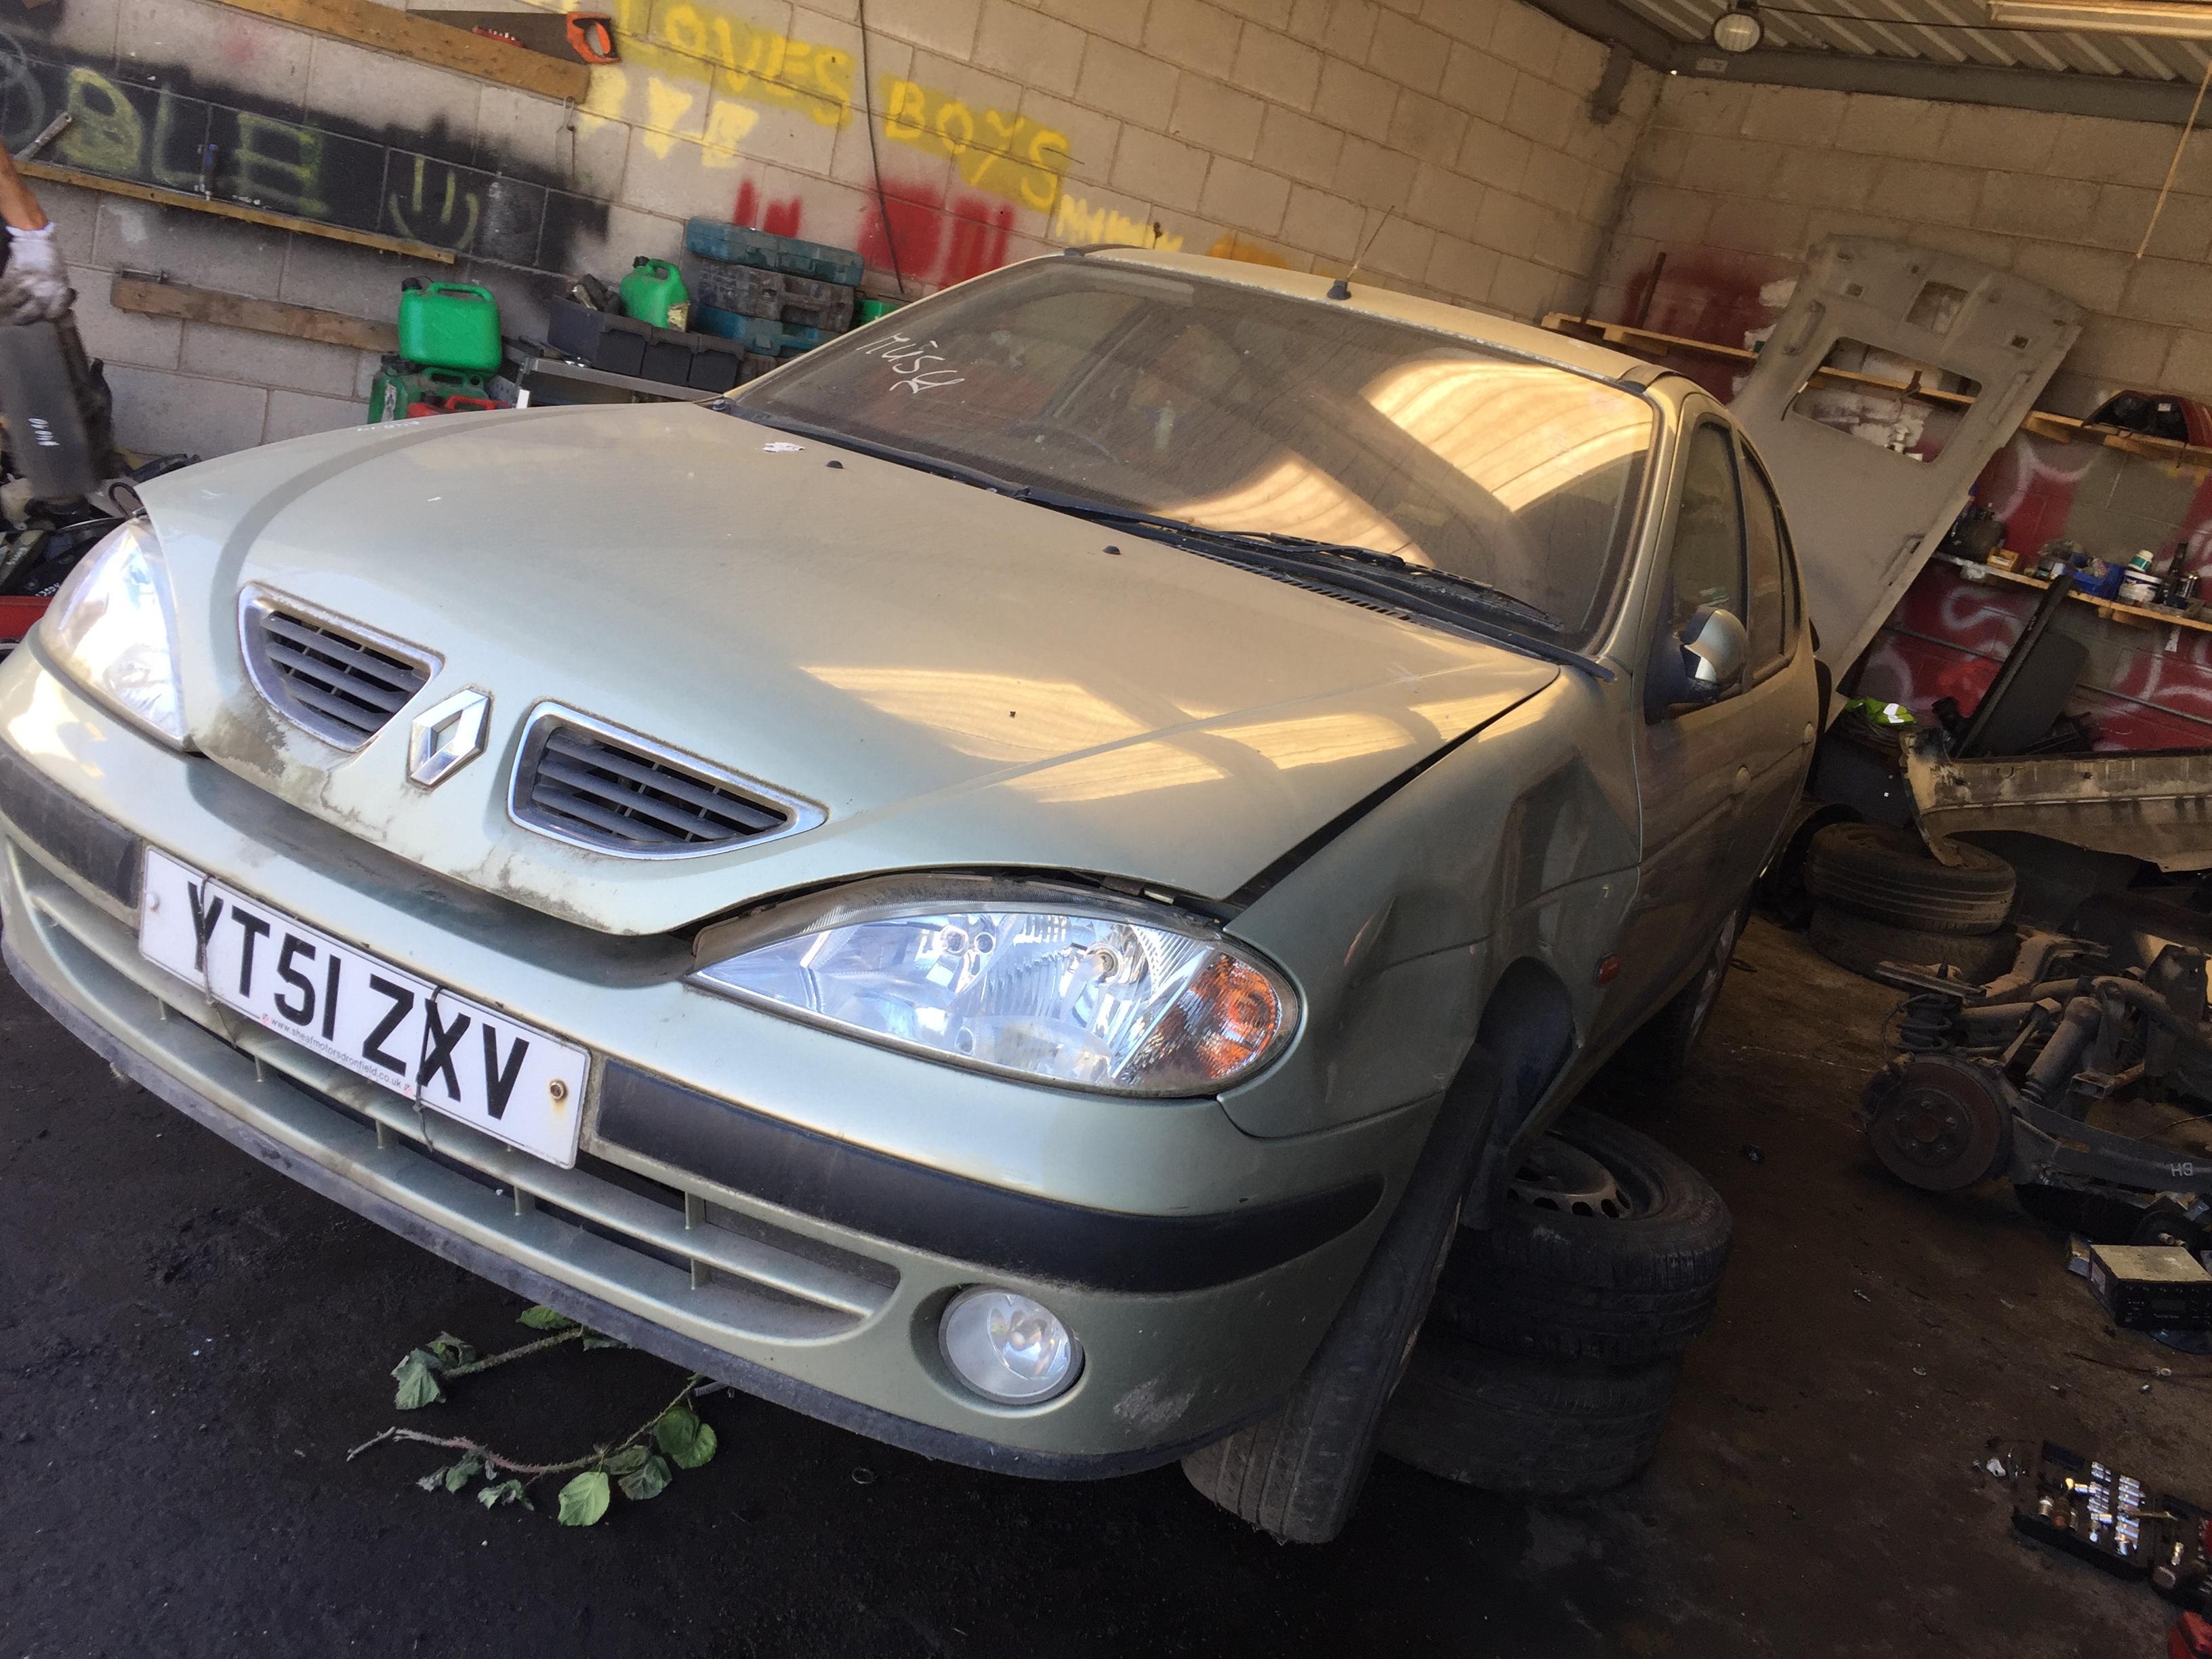 7703397911 1096046 8200029340b Fuse Box Renault Megane 2001 16l Water Foto 4 199903 200210 Facelift Petrol 16